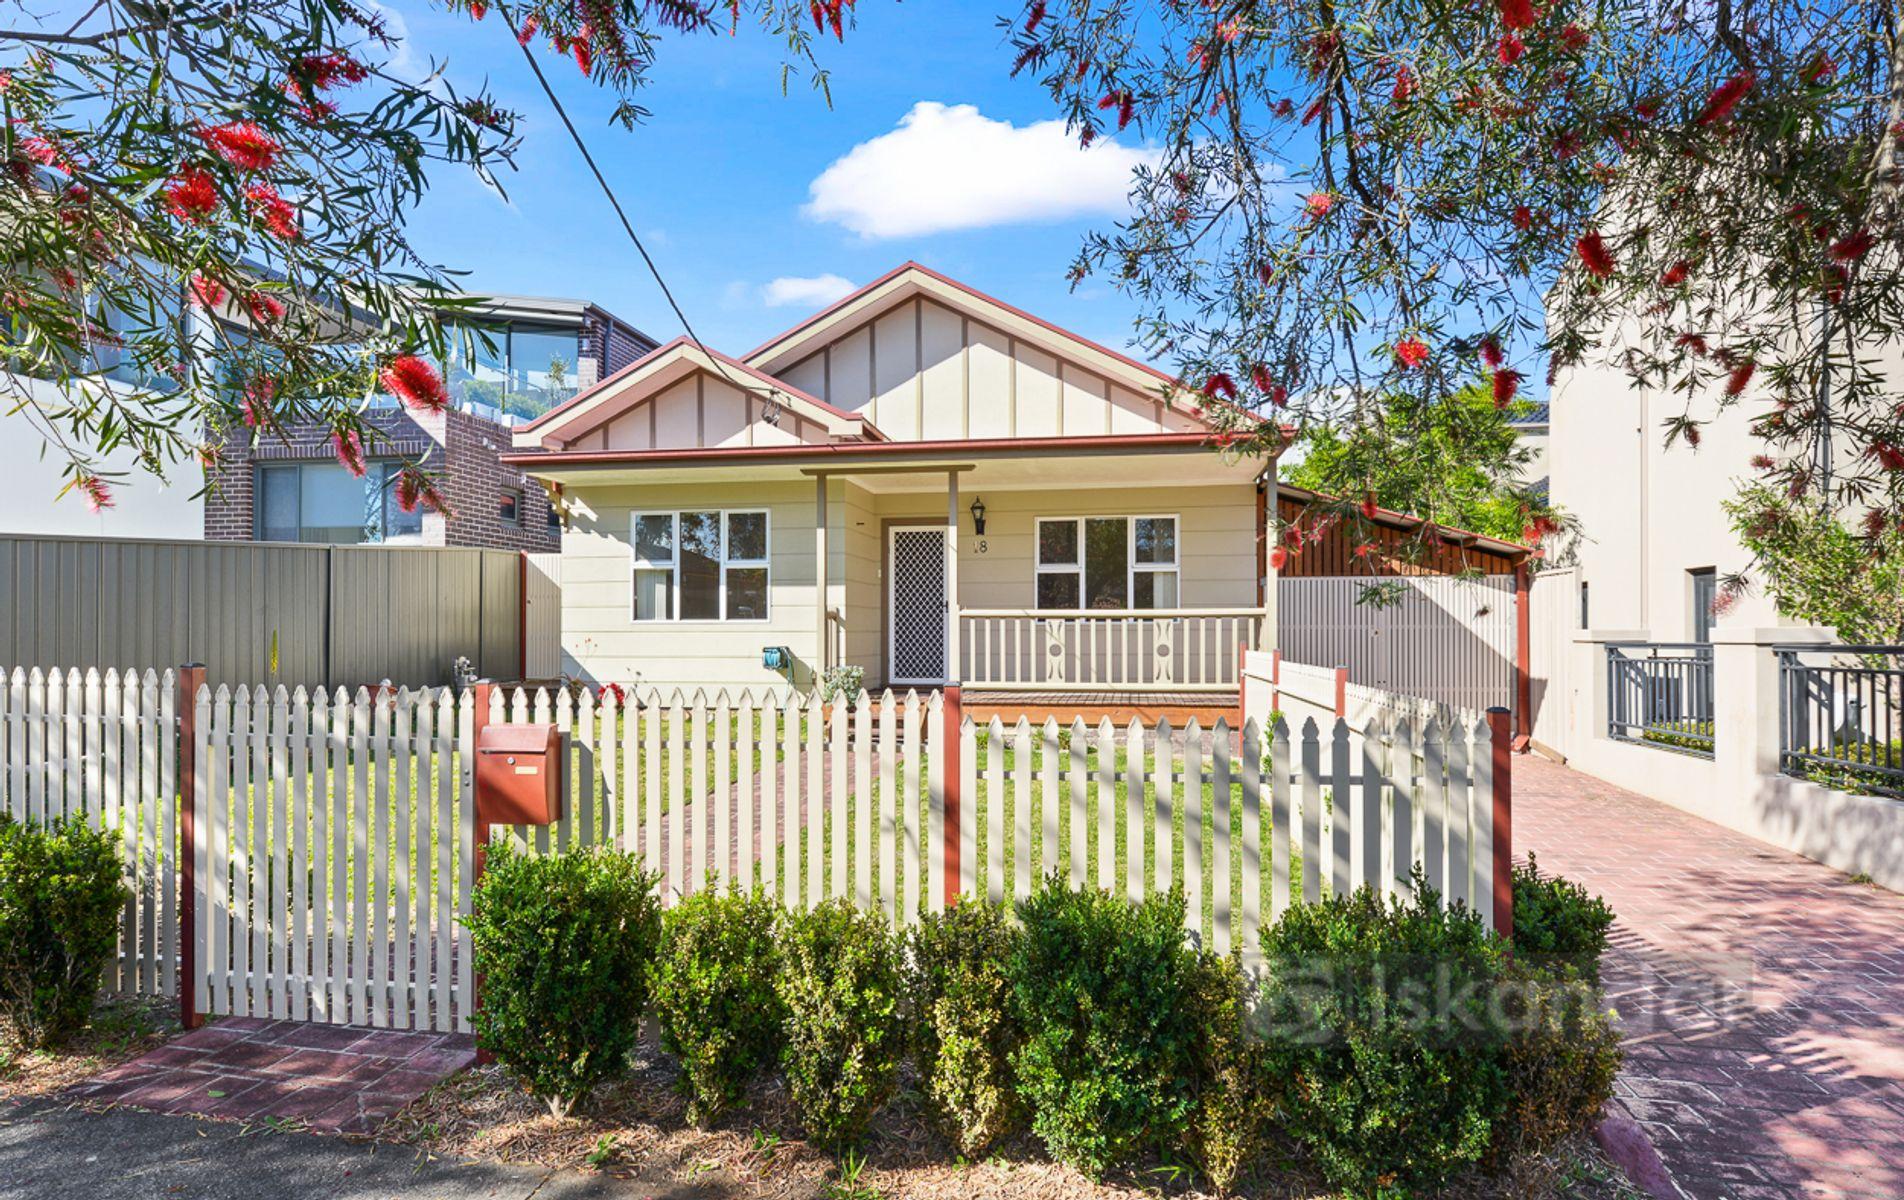 18 Fuller Avenue, Earlwood, NSW 2206